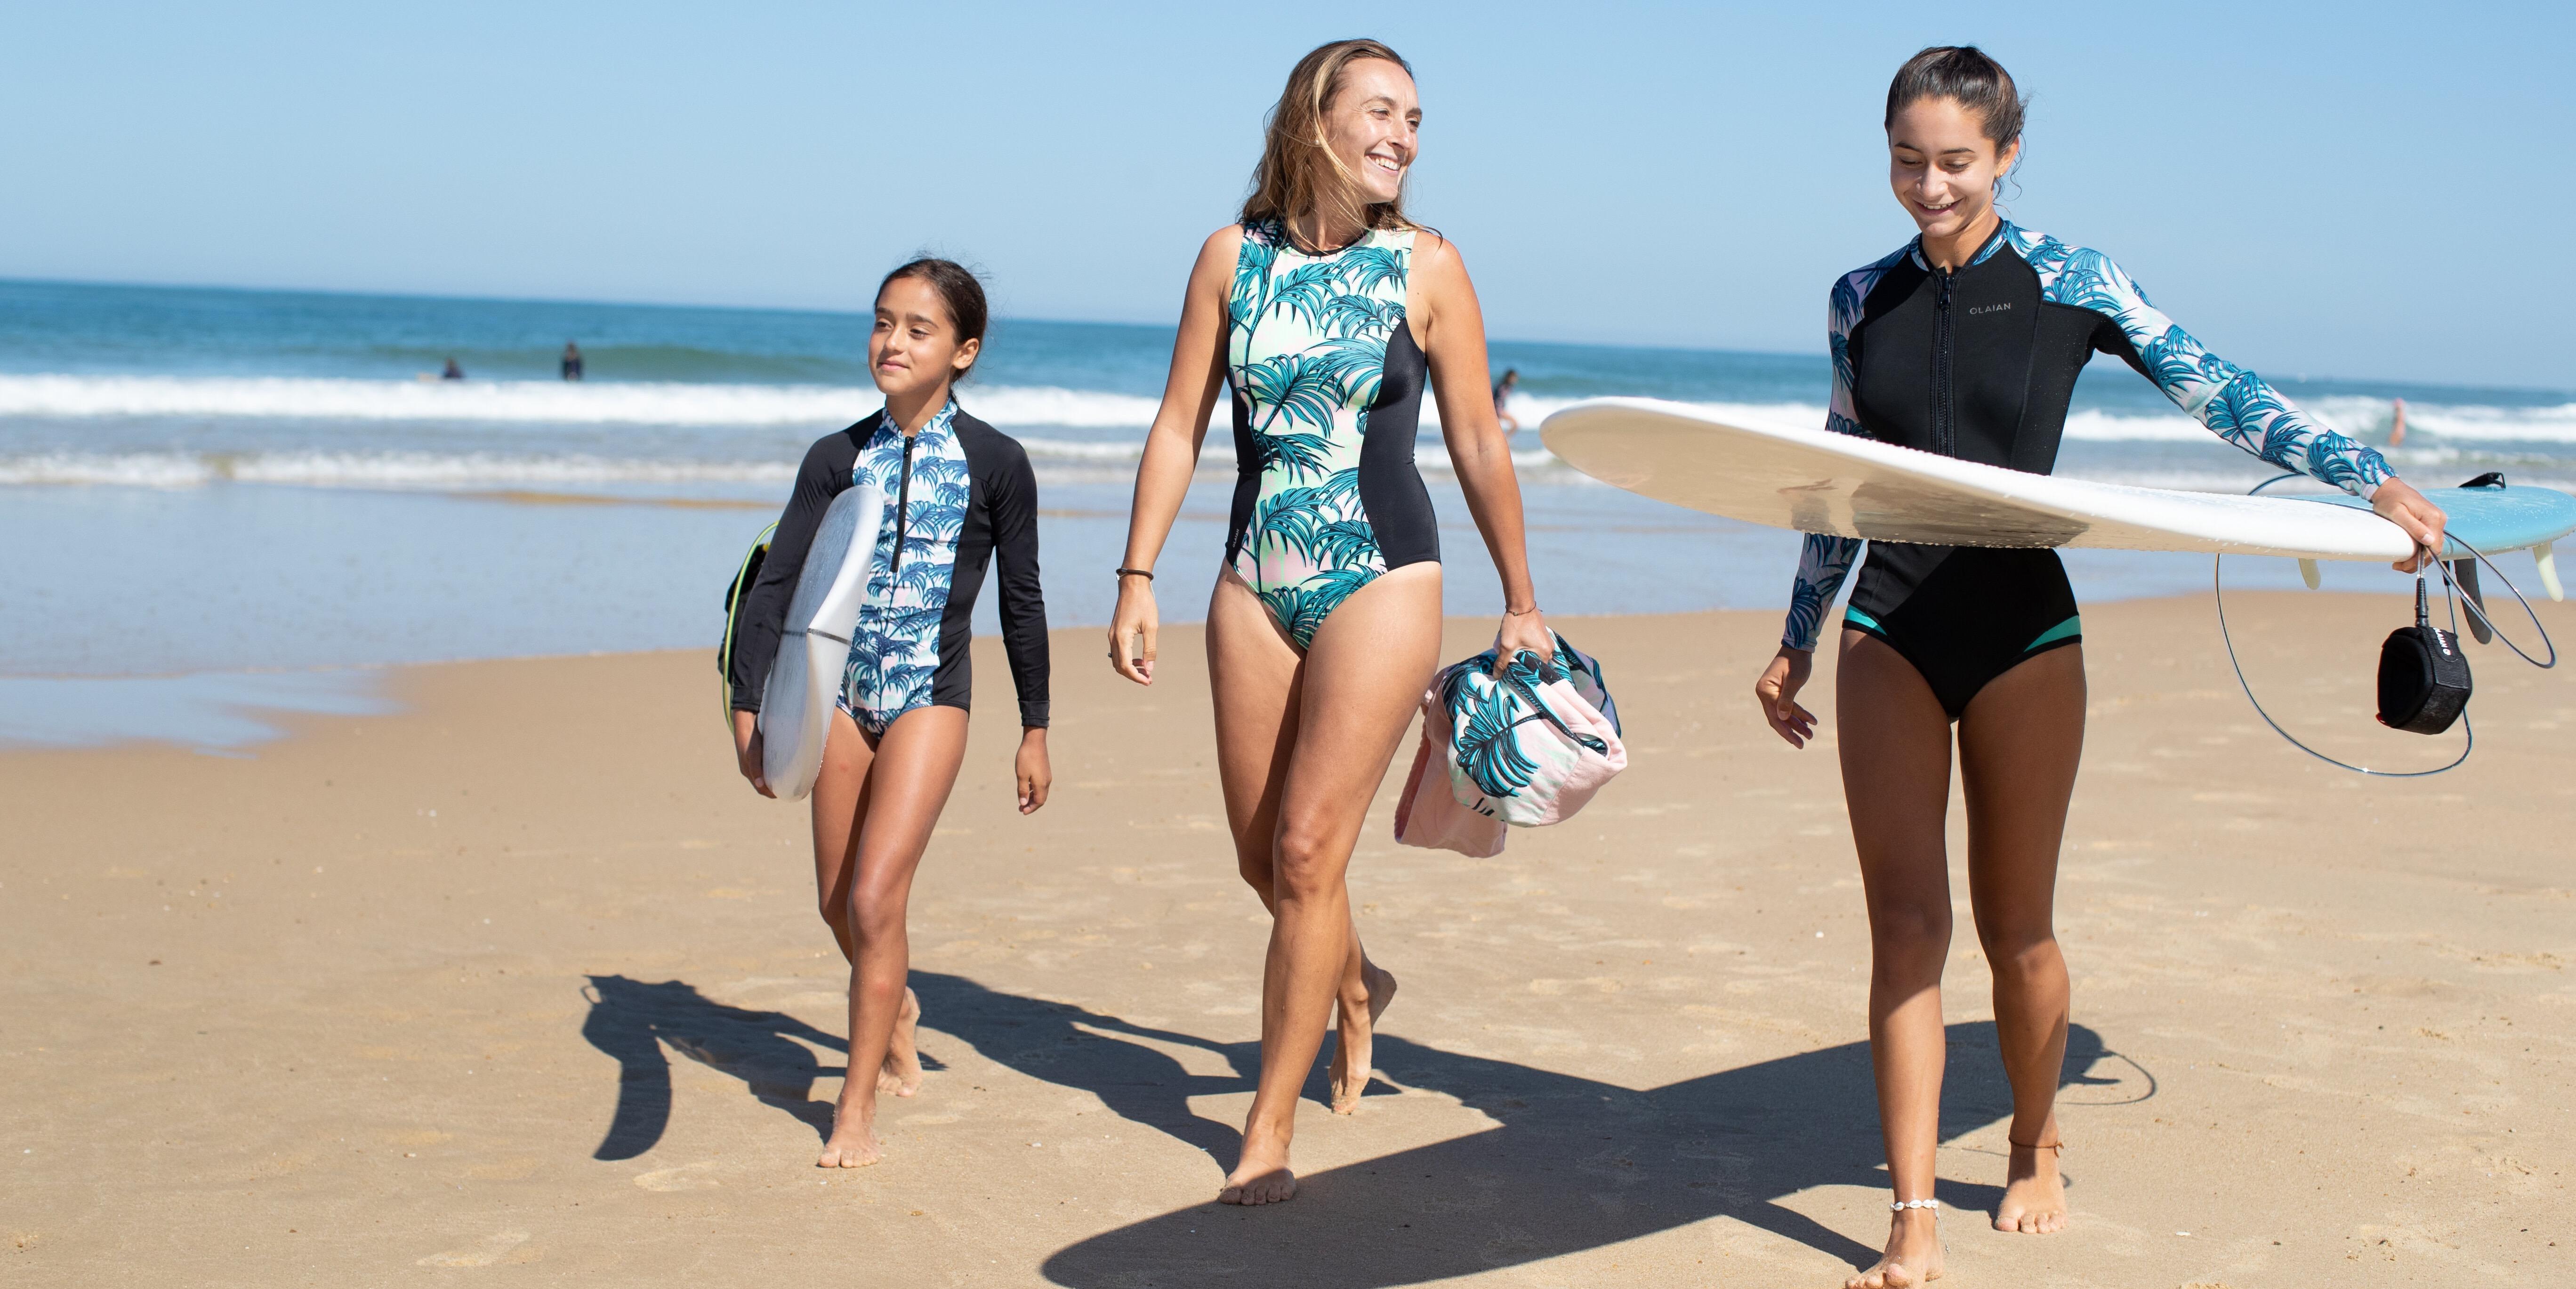 Olaian Surf Femme Fille Famille Presana Pe21 - 228 --- Expires On 01-08-2025-2.jpg